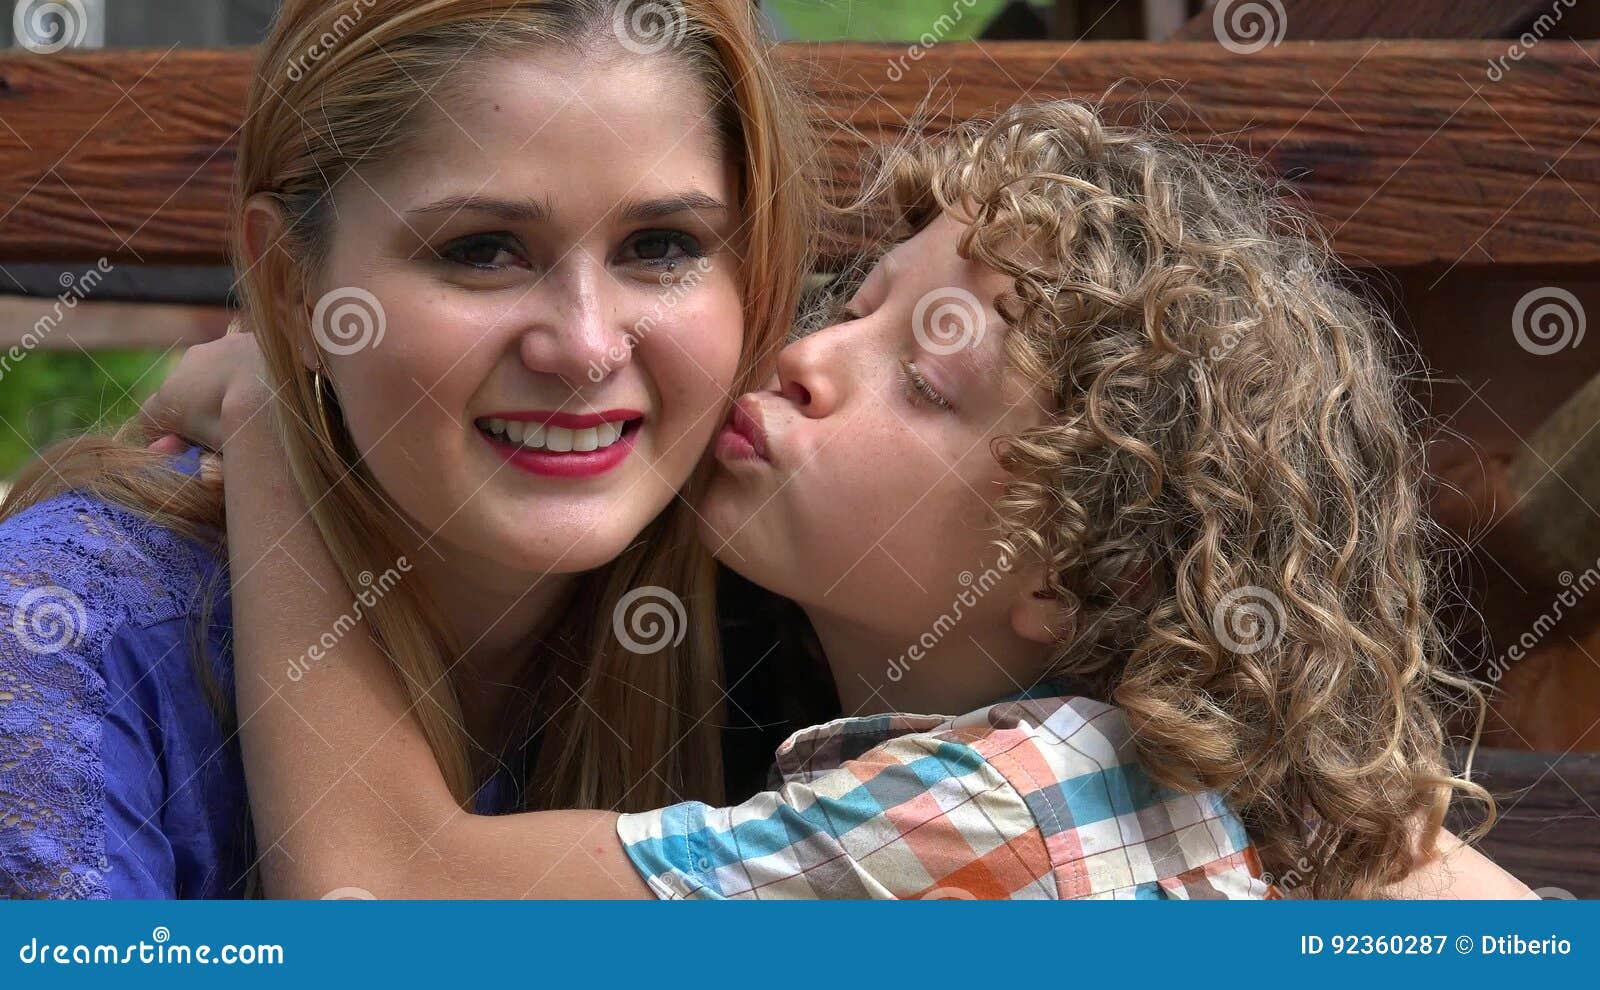 Сестра попросила брата научить ее, Сестра заставила своего брата заняться с ней сексом 23 фотография